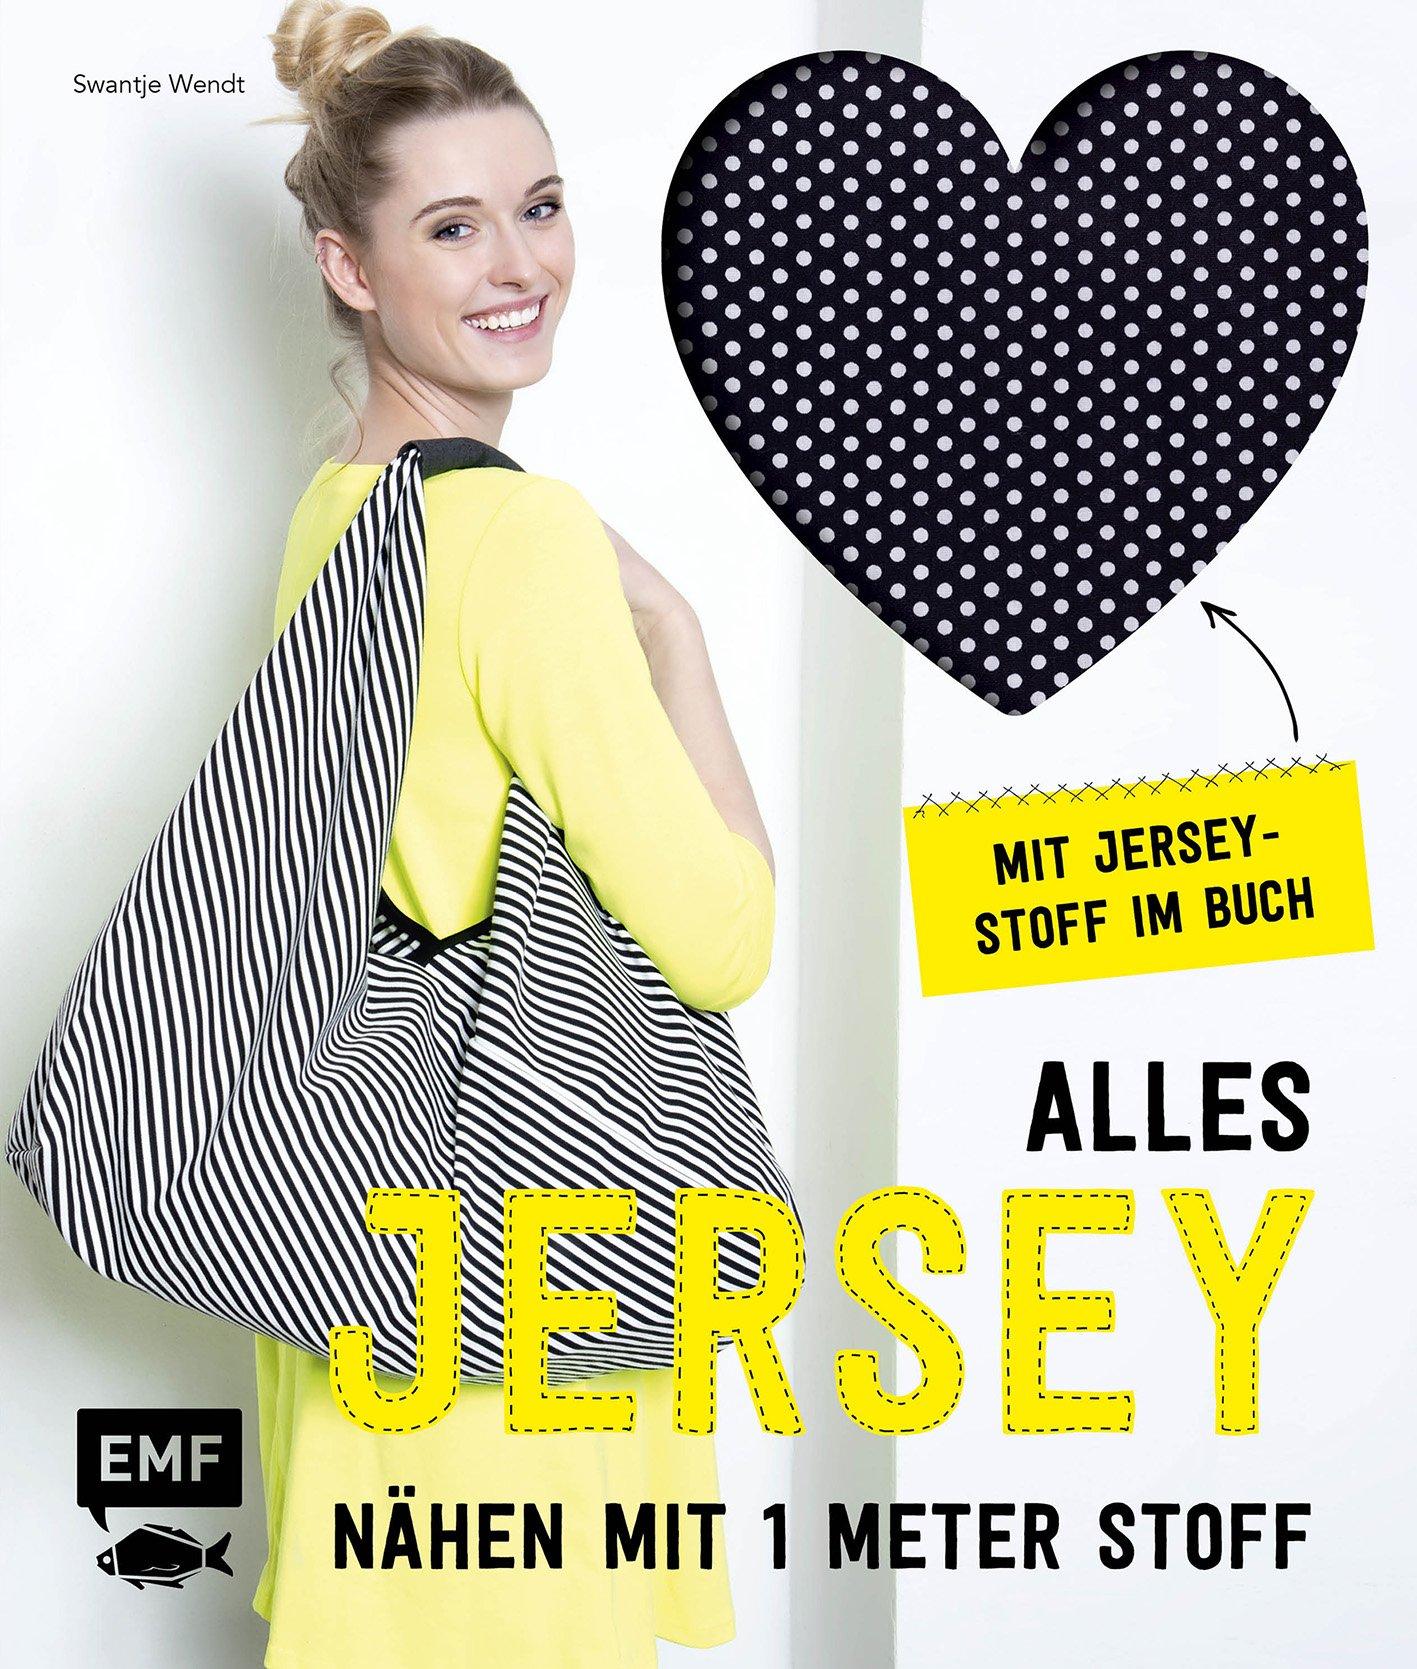 Alles Jersey – Nähen mit 1 Meter Stoff: Kleidung, Accessoires und mehr - Mit Jersey-Stoff im Buch